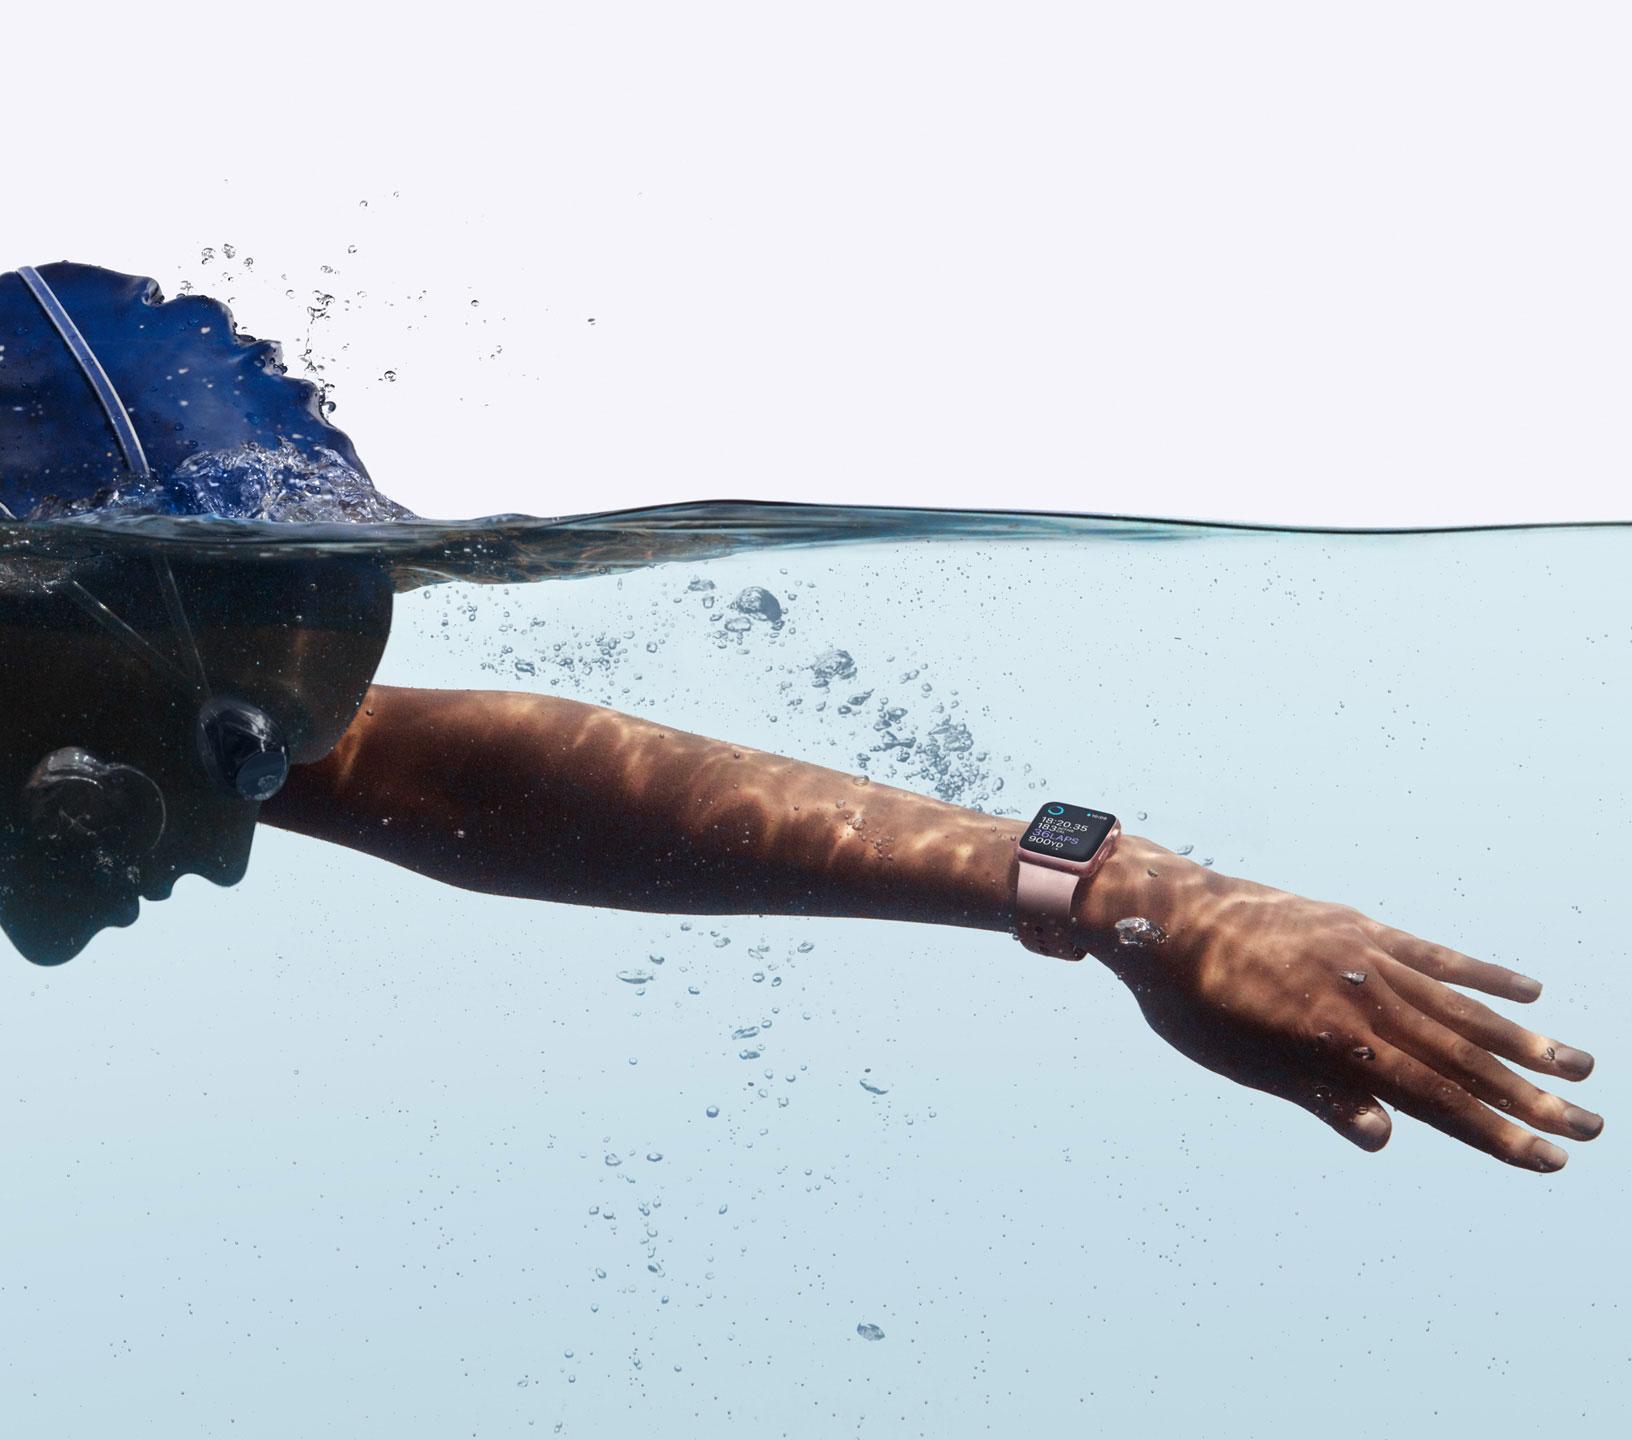 Apple Watch 2 en piscina con nadador